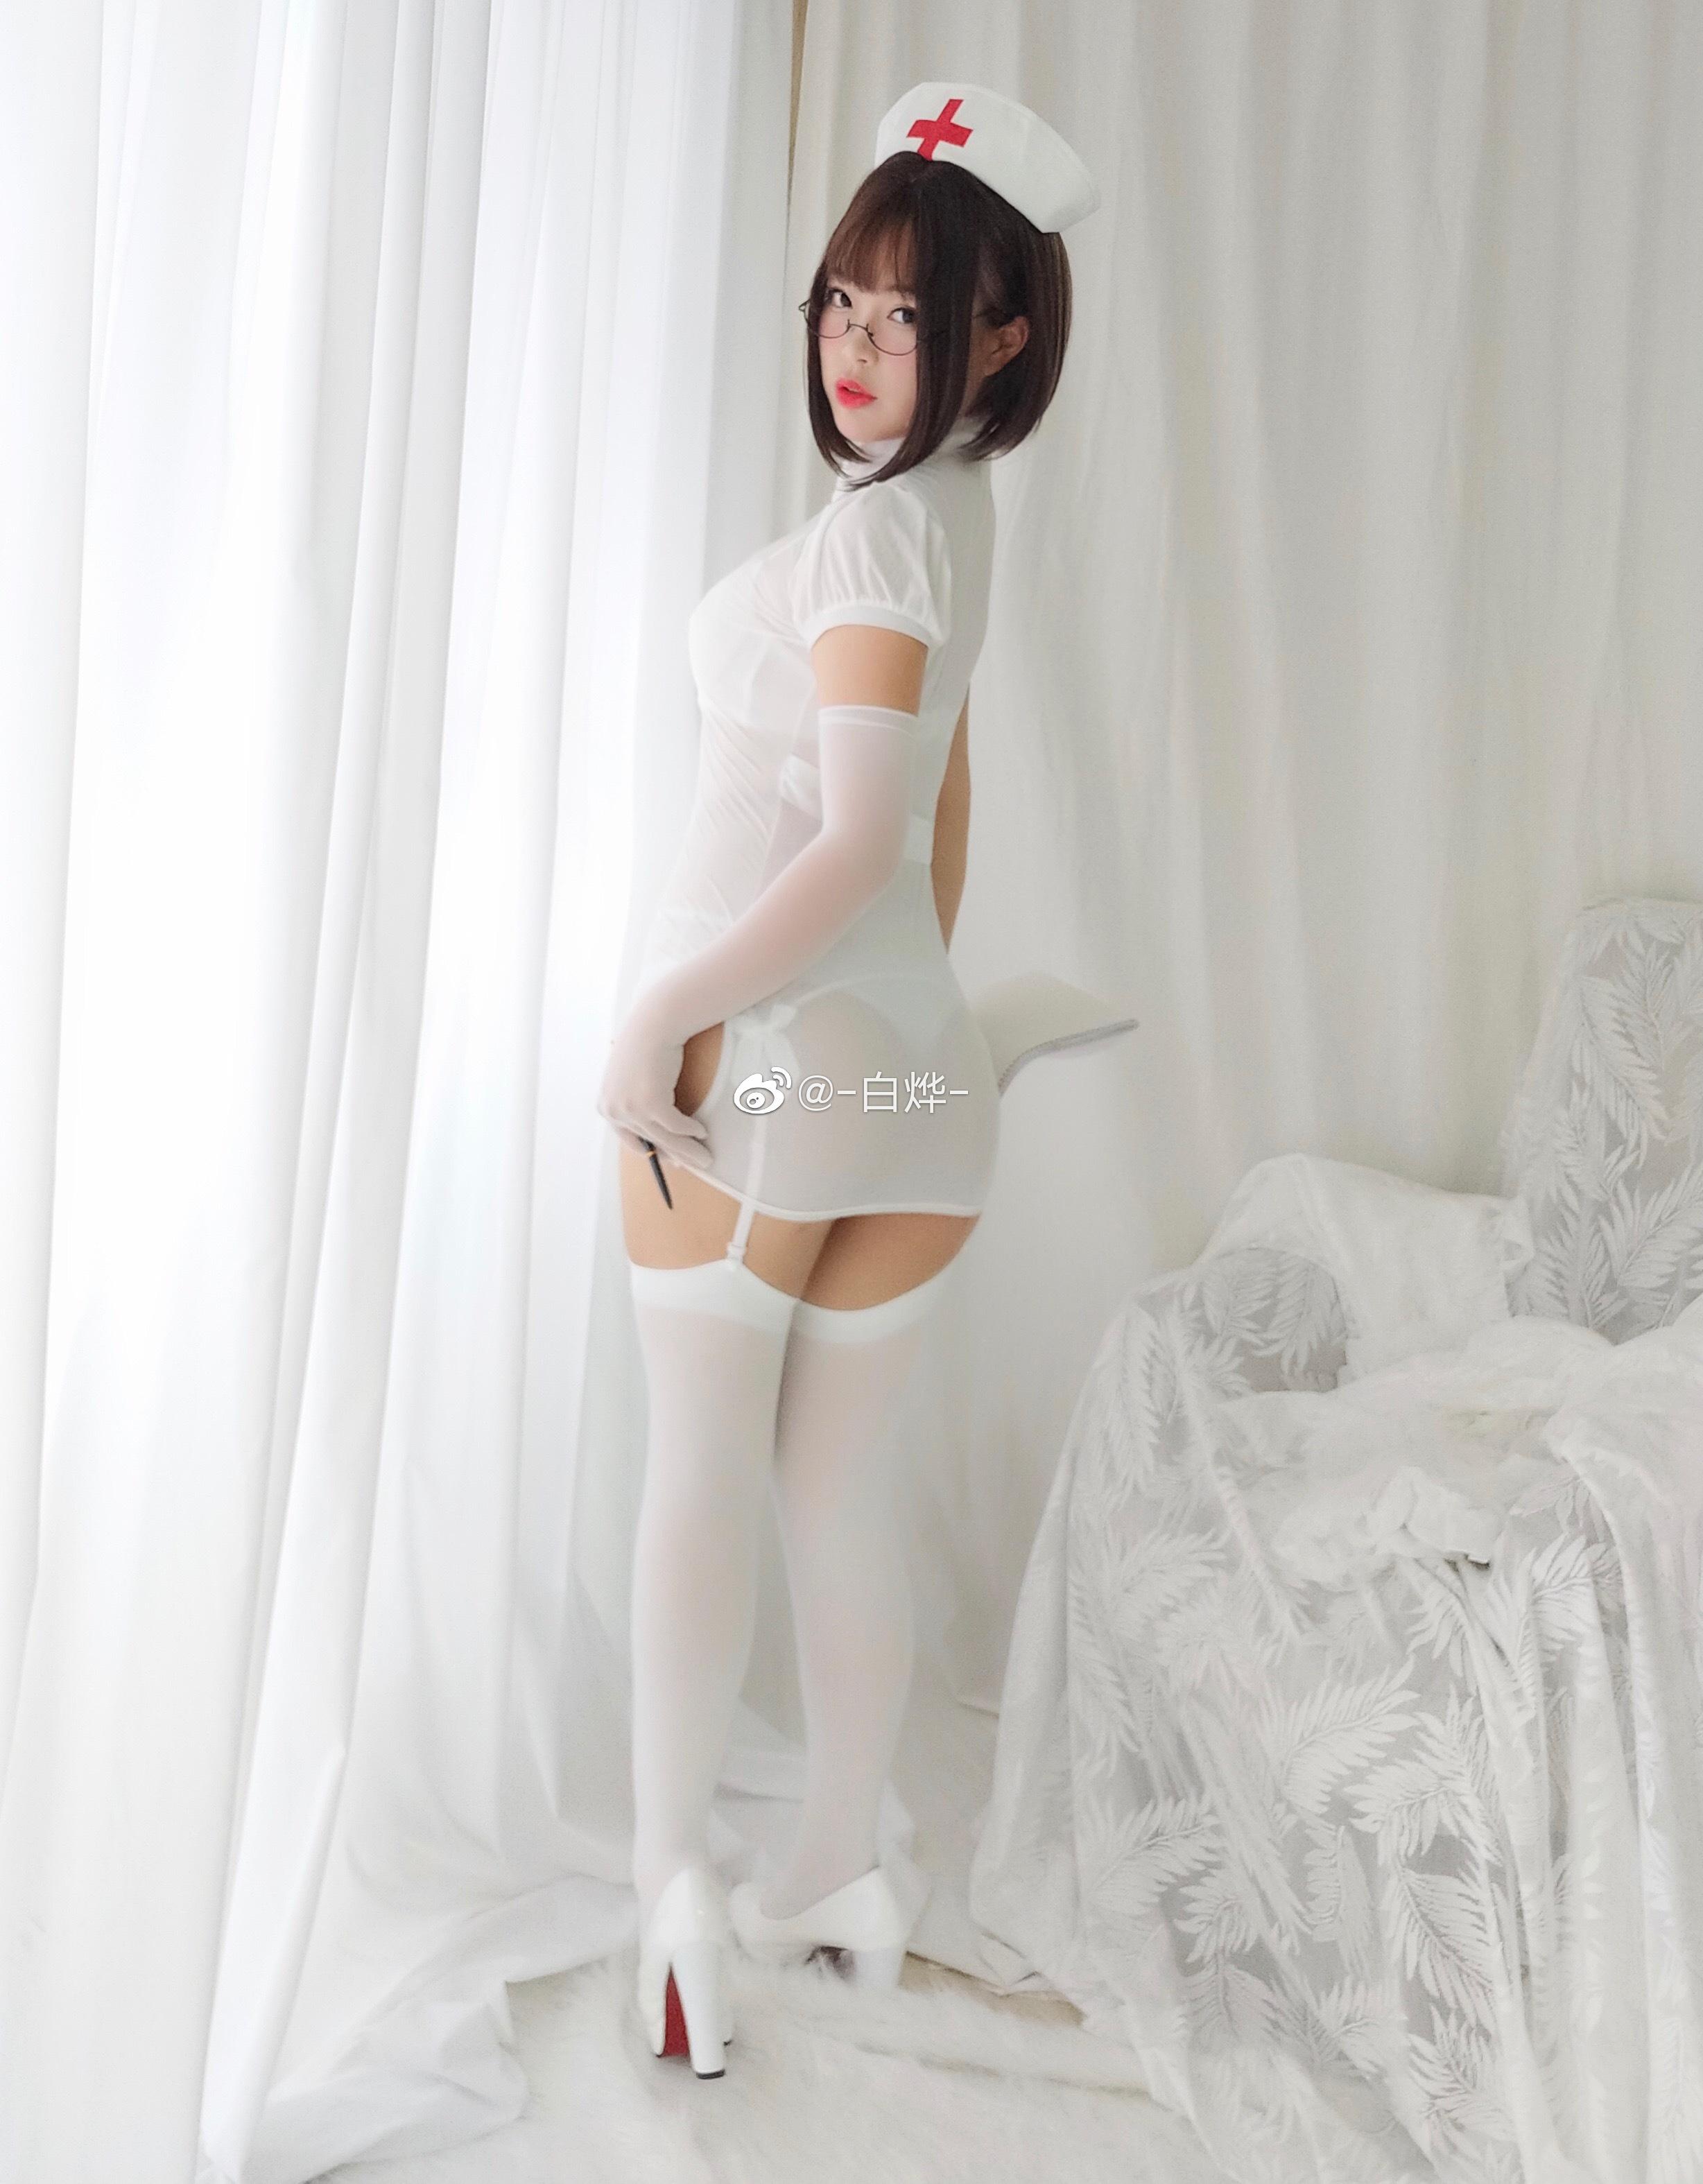 想被圆脸肉腿吊带袜的小护士打针吗?